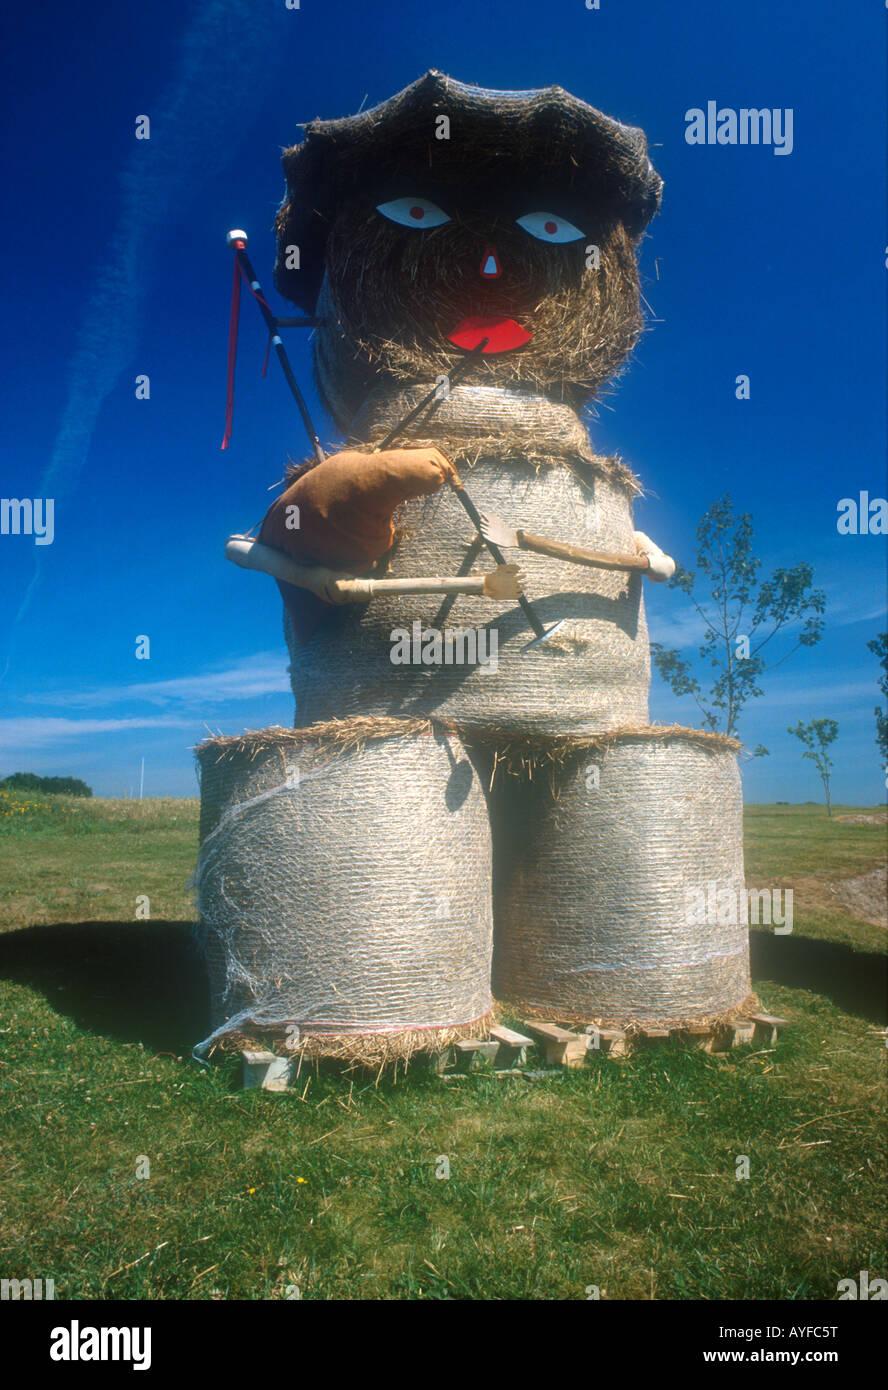 El Espantapájaros de bola de heno con gaita Foto de stock